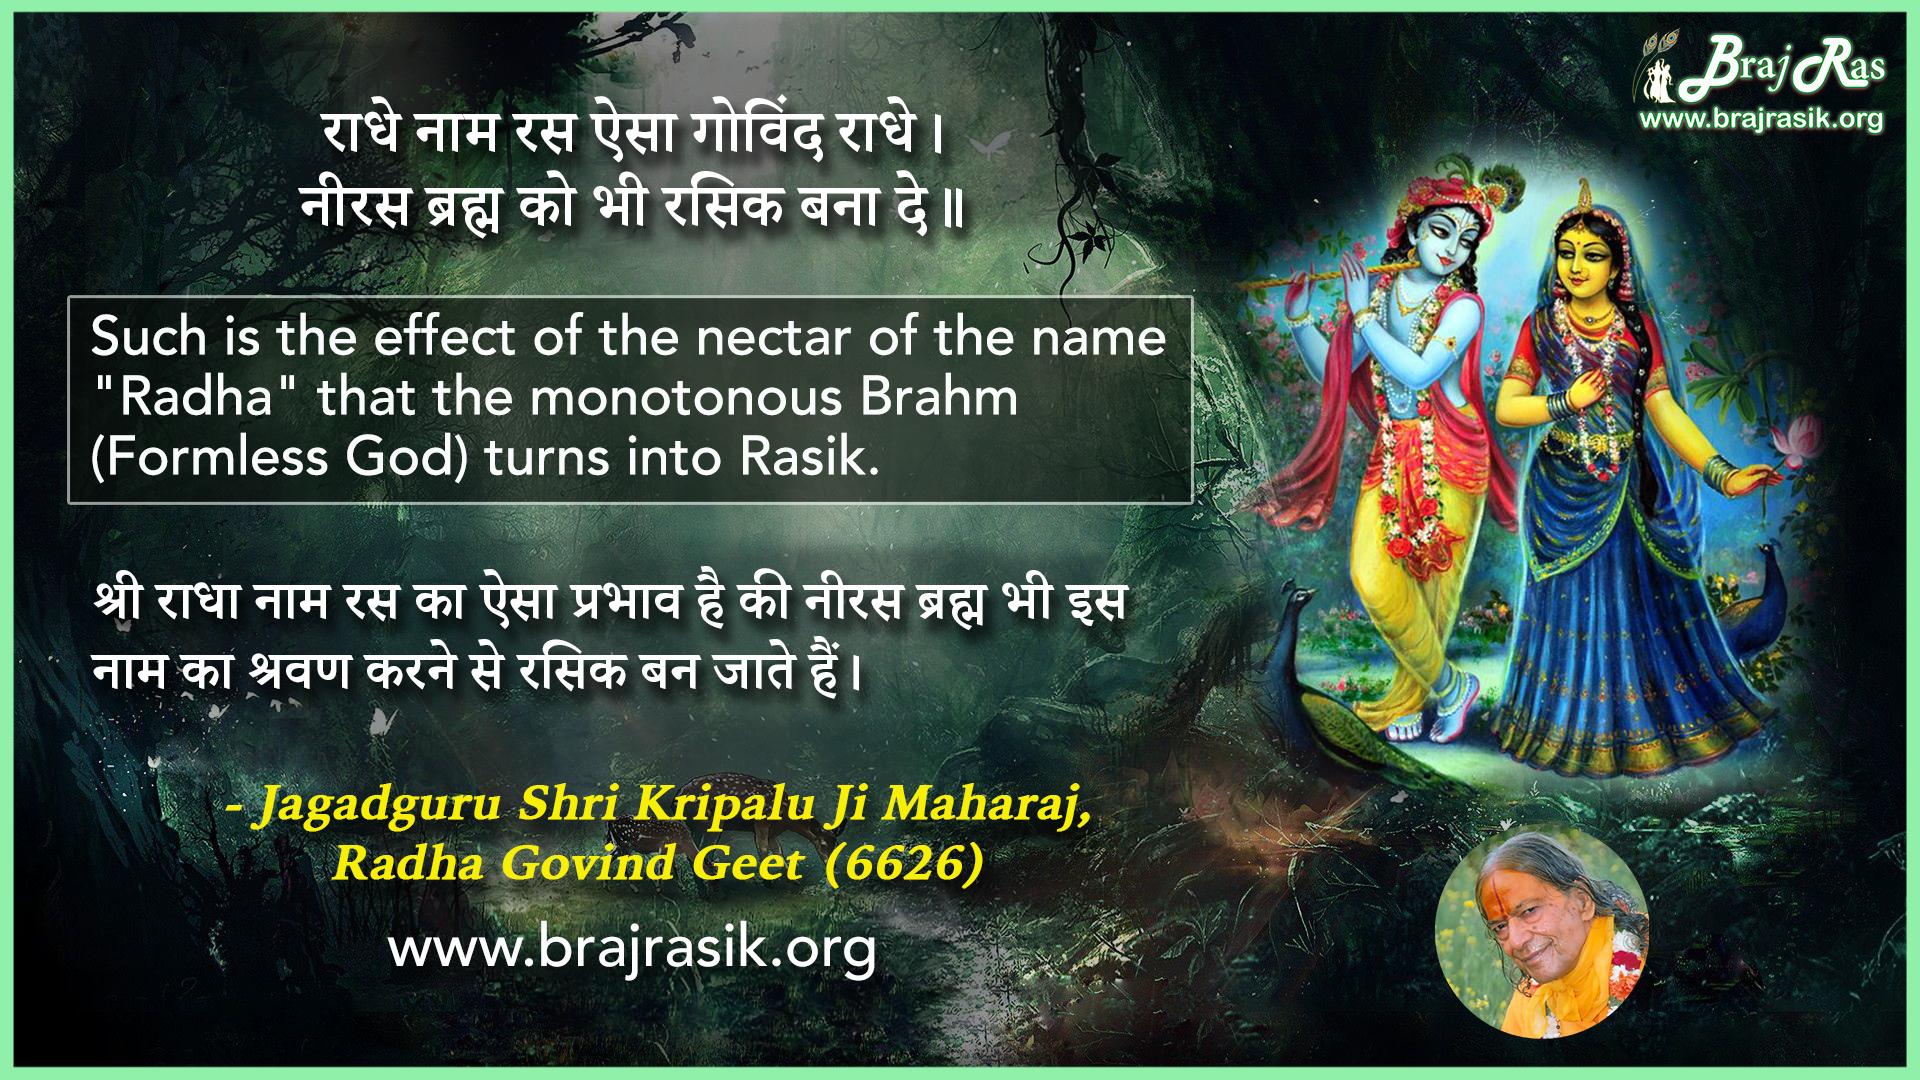 Radhe Naam Ras Aisa Govind Radhe - Jagadguru Shri Kripalu Ji Maharaj, Radha Govind Geet (6626)